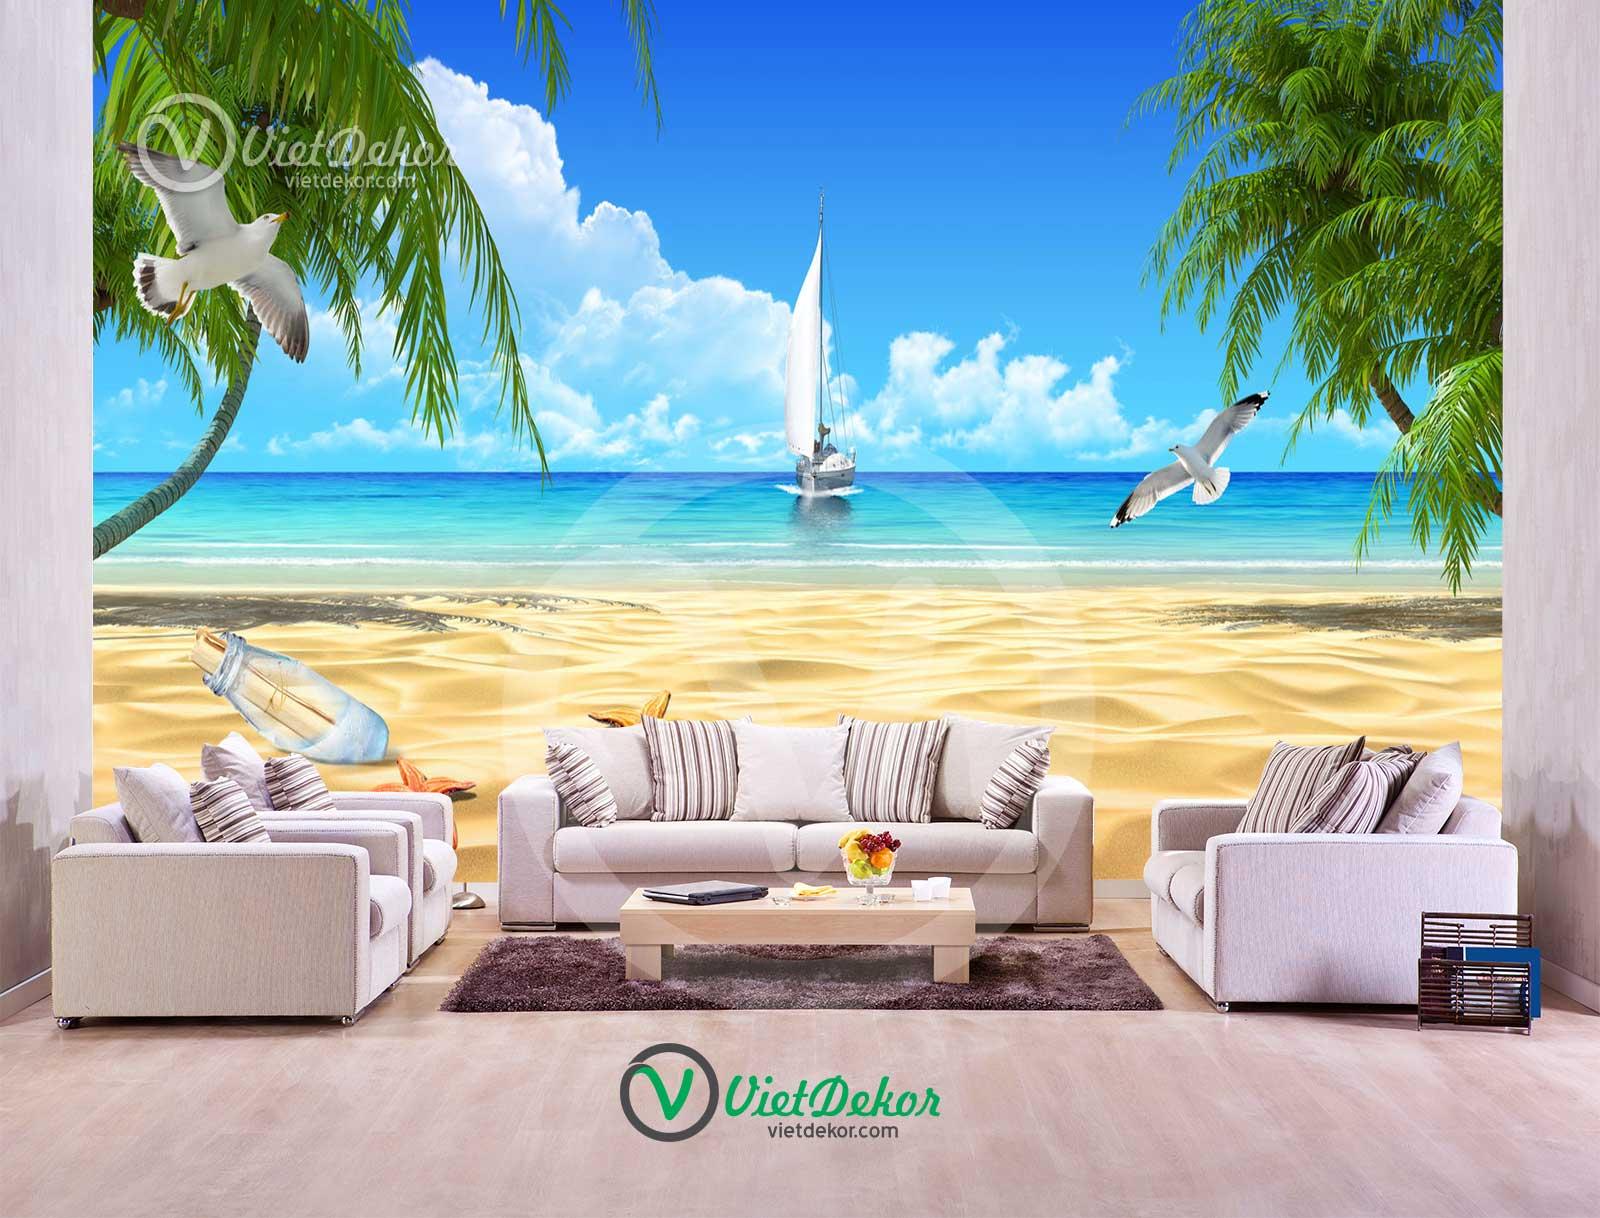 Tranh 3d phong cảnh biển thuận buồm xuôi gió